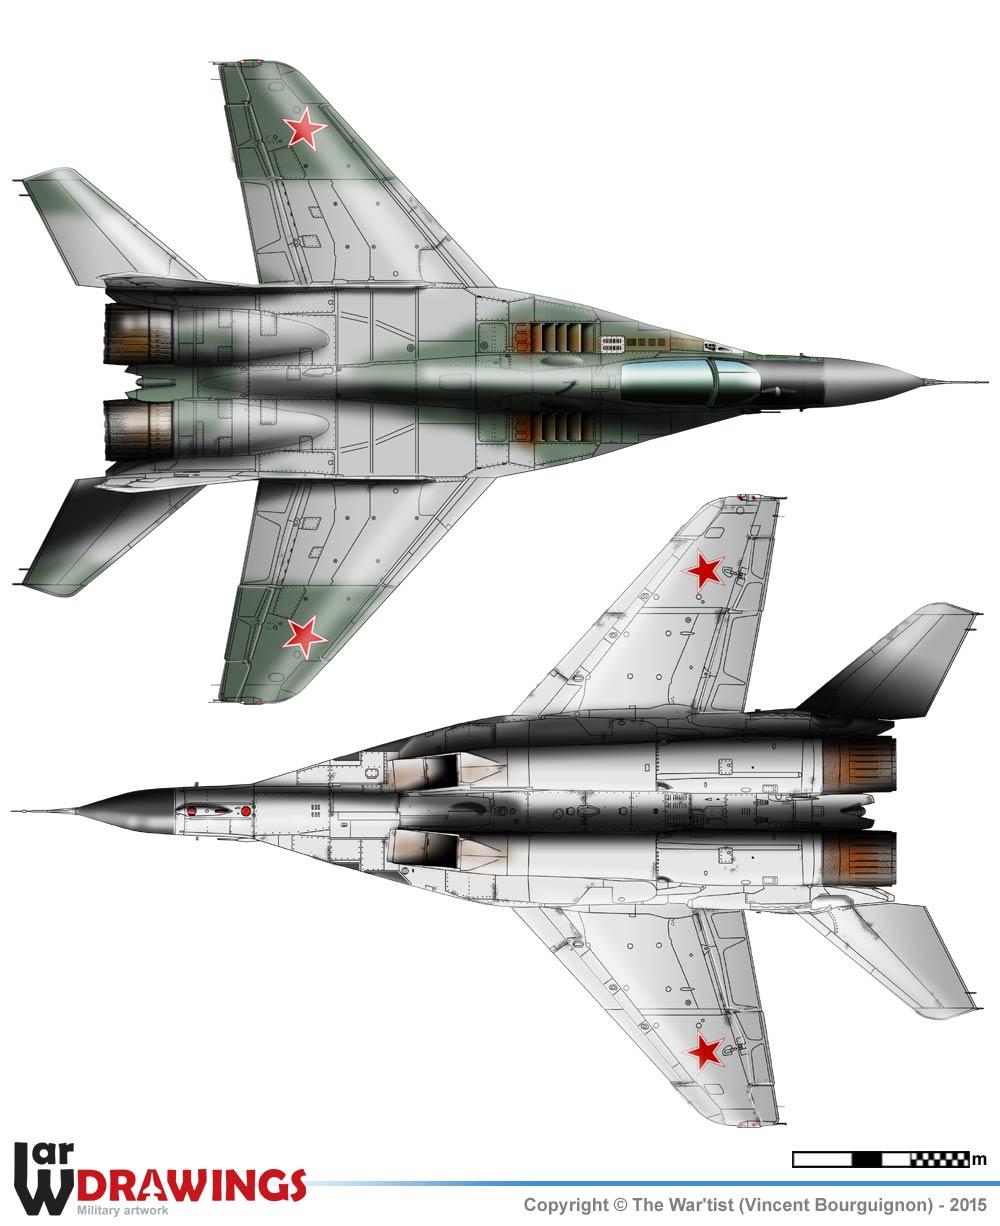 MiG-29 (9-13) Fulcrum C on